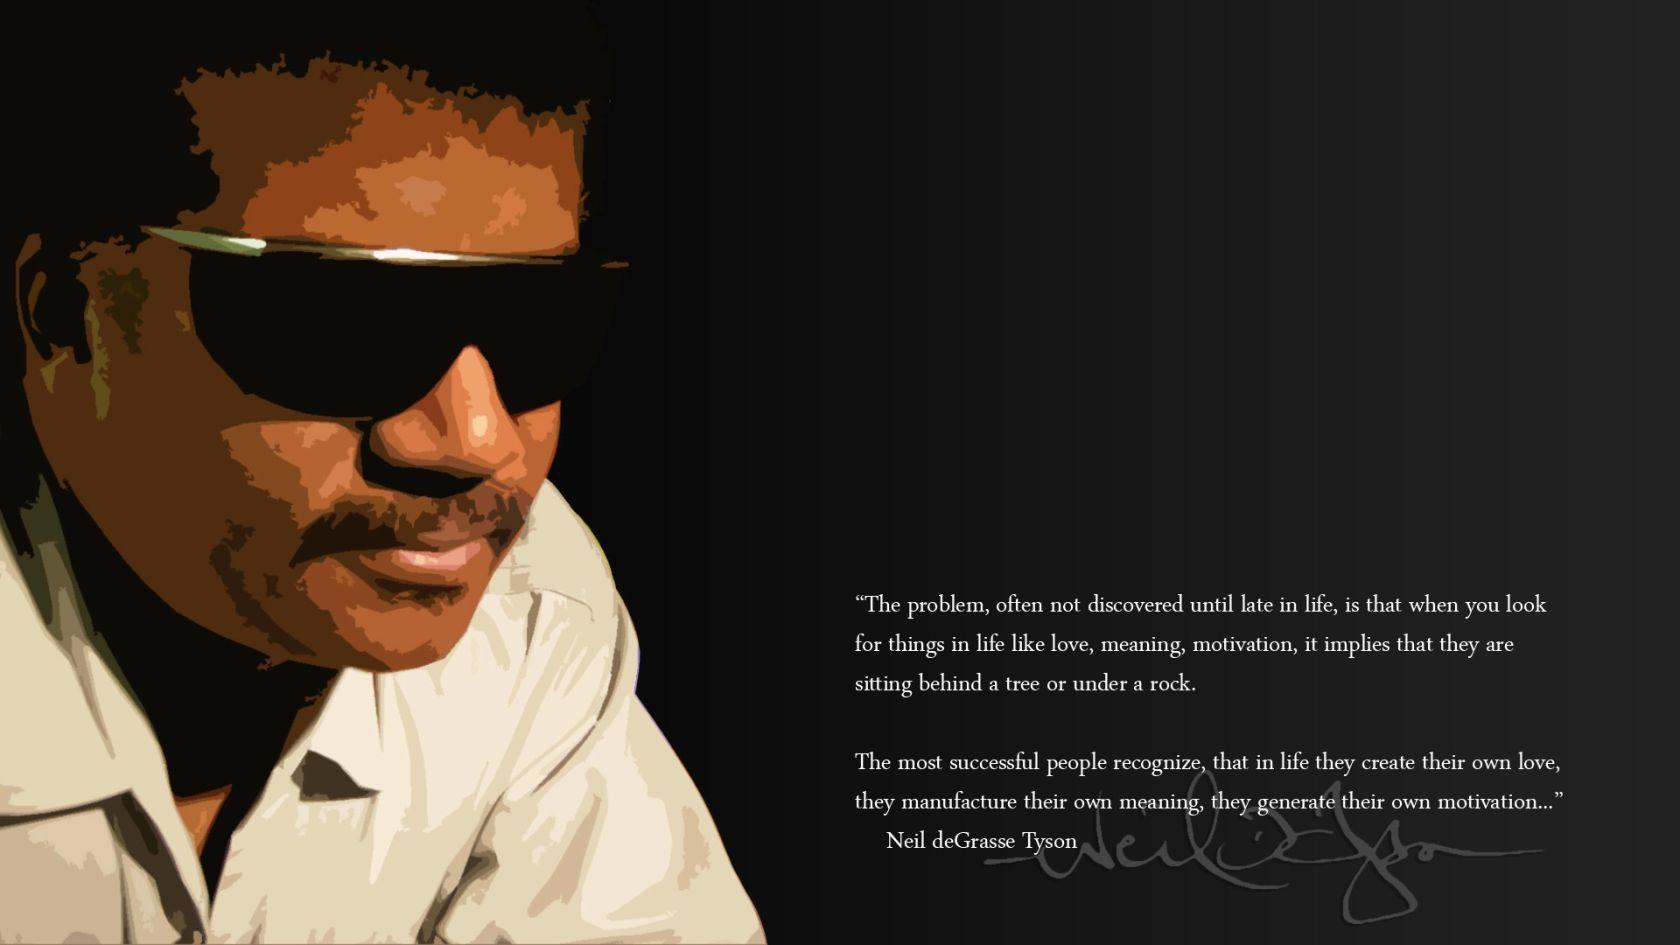 Neil deGrasse Tyson Quotes. QuotesGram